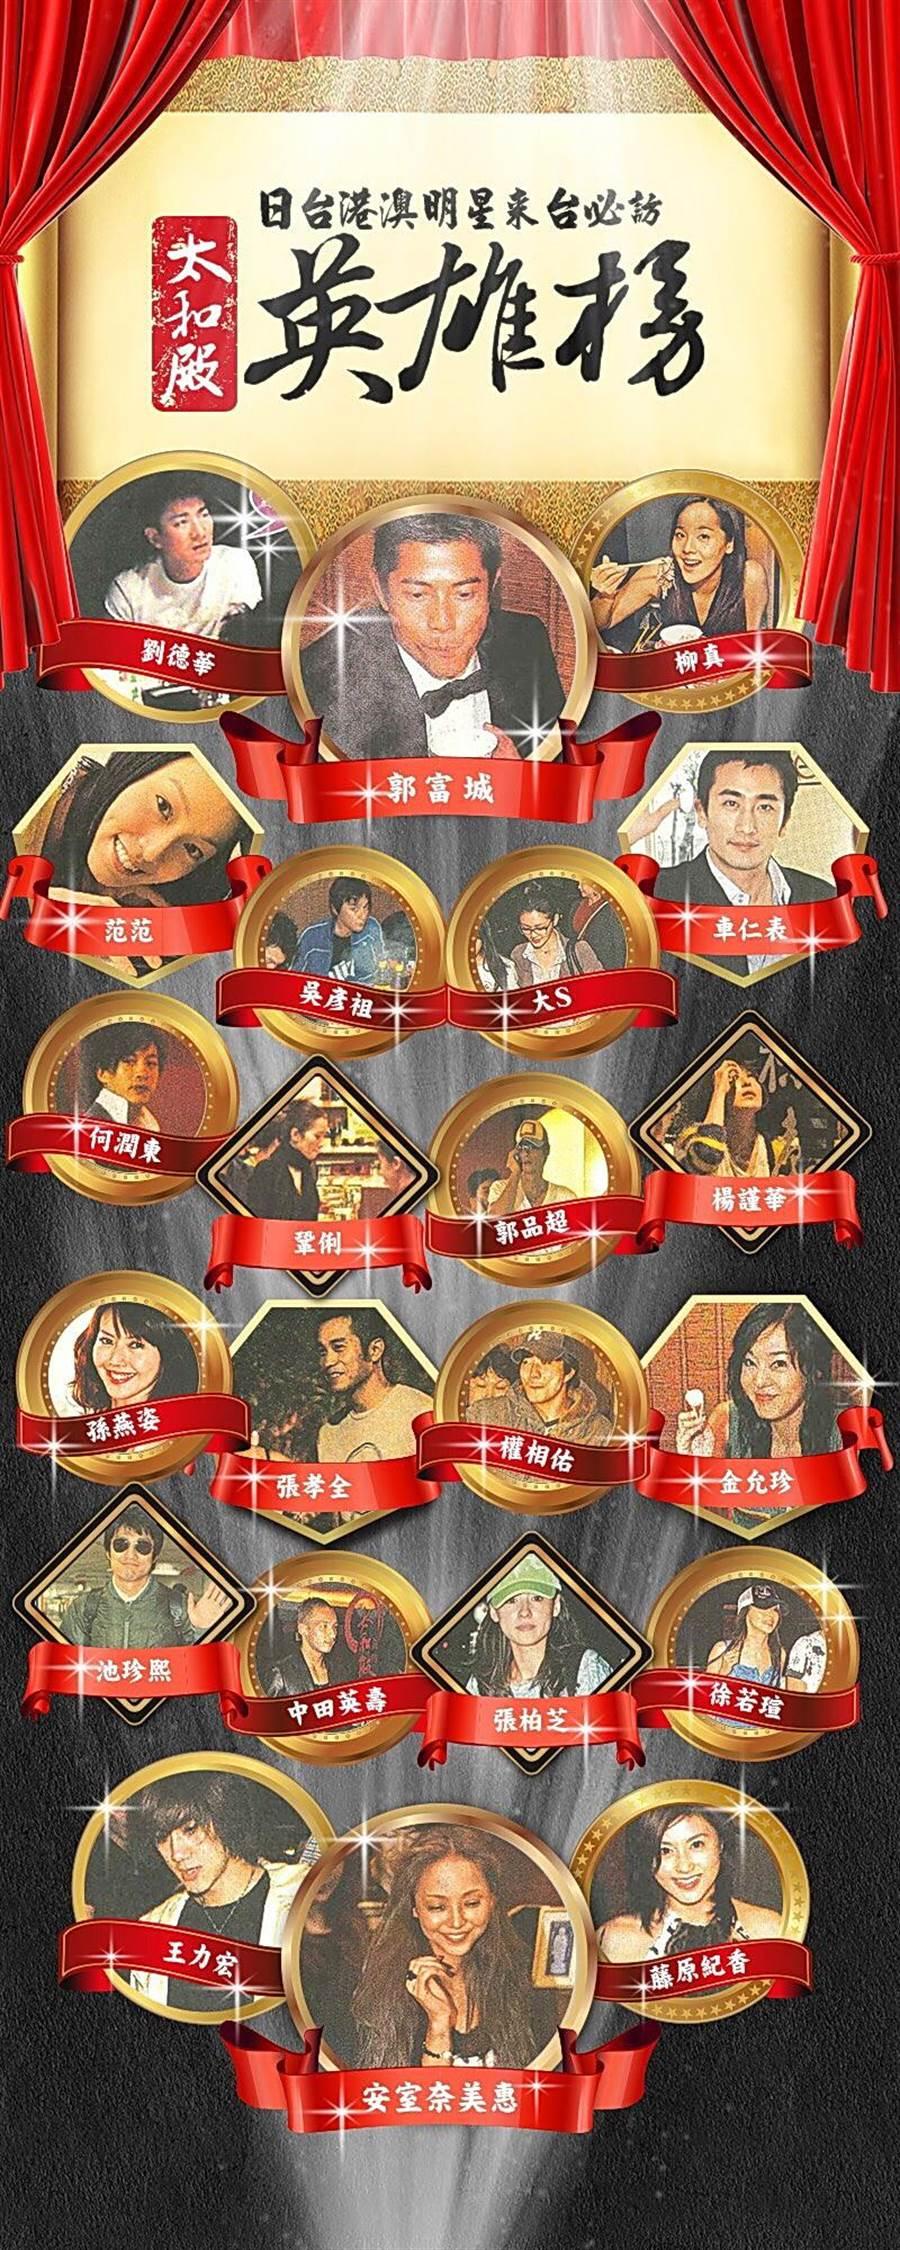 不少日韓與港星訪台必喜歡到〈太和殿〉啖麻辣鍋,故〈太和殿〉被稱為「麻辣鍋界比佛利山莊」。(圖/太和殿)